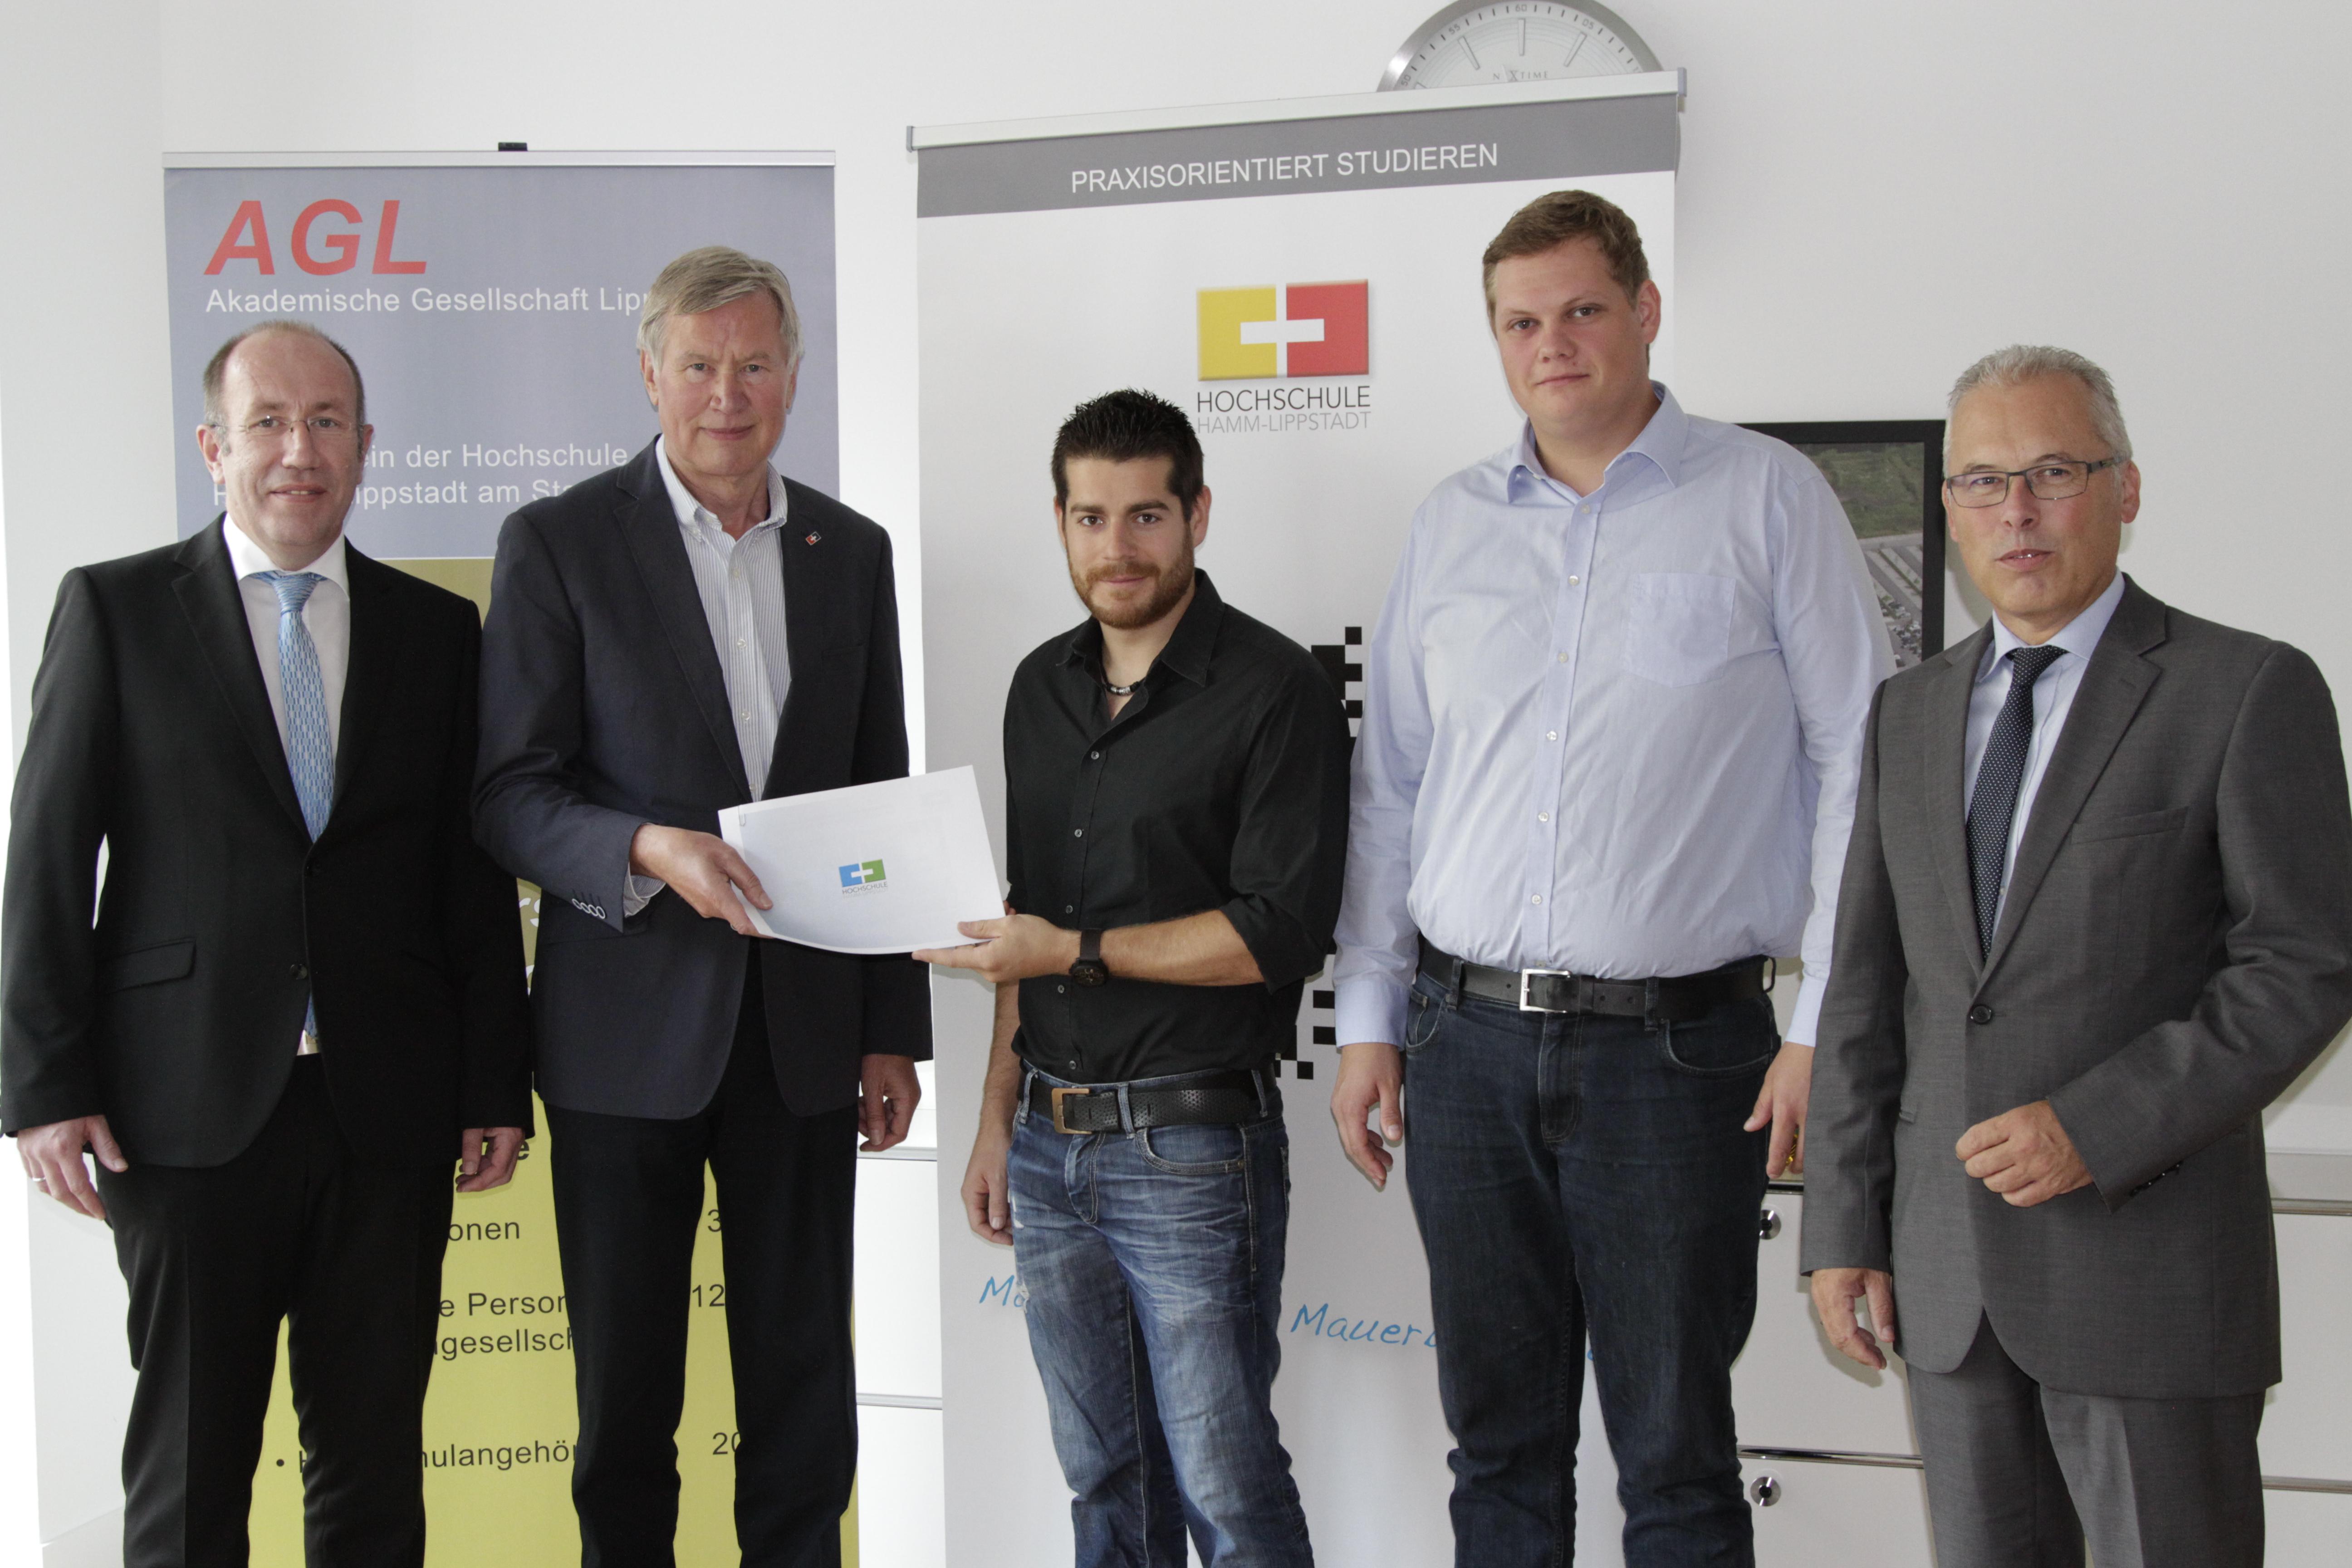 Zwei Studierende der HSHL werden mit einem Gründerstipendium gefördert (Foto: Hochschule Hamm-Lippstadt)